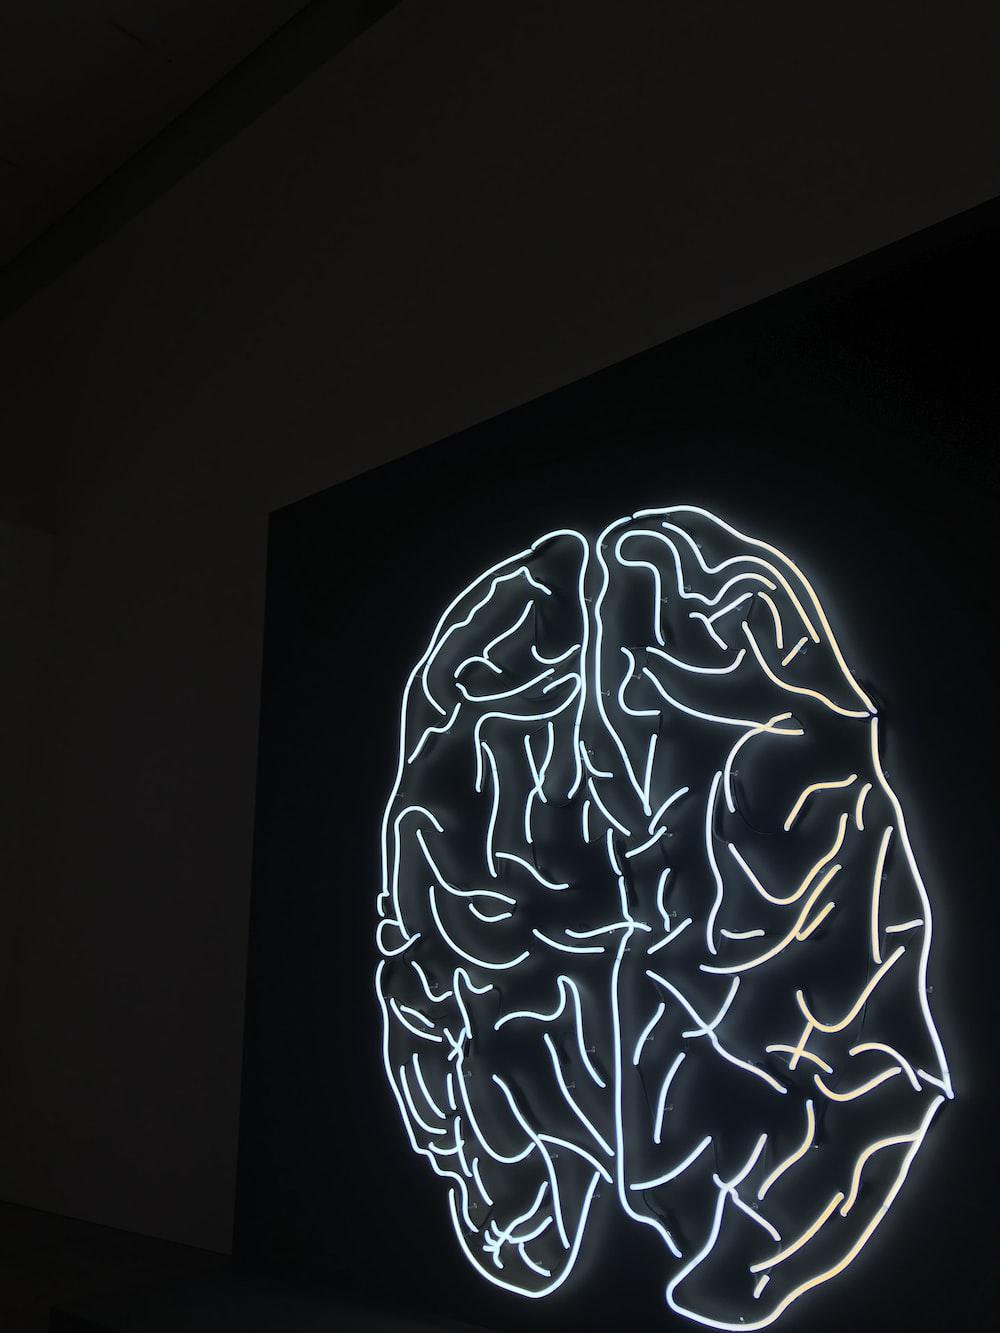 brain LED artwork